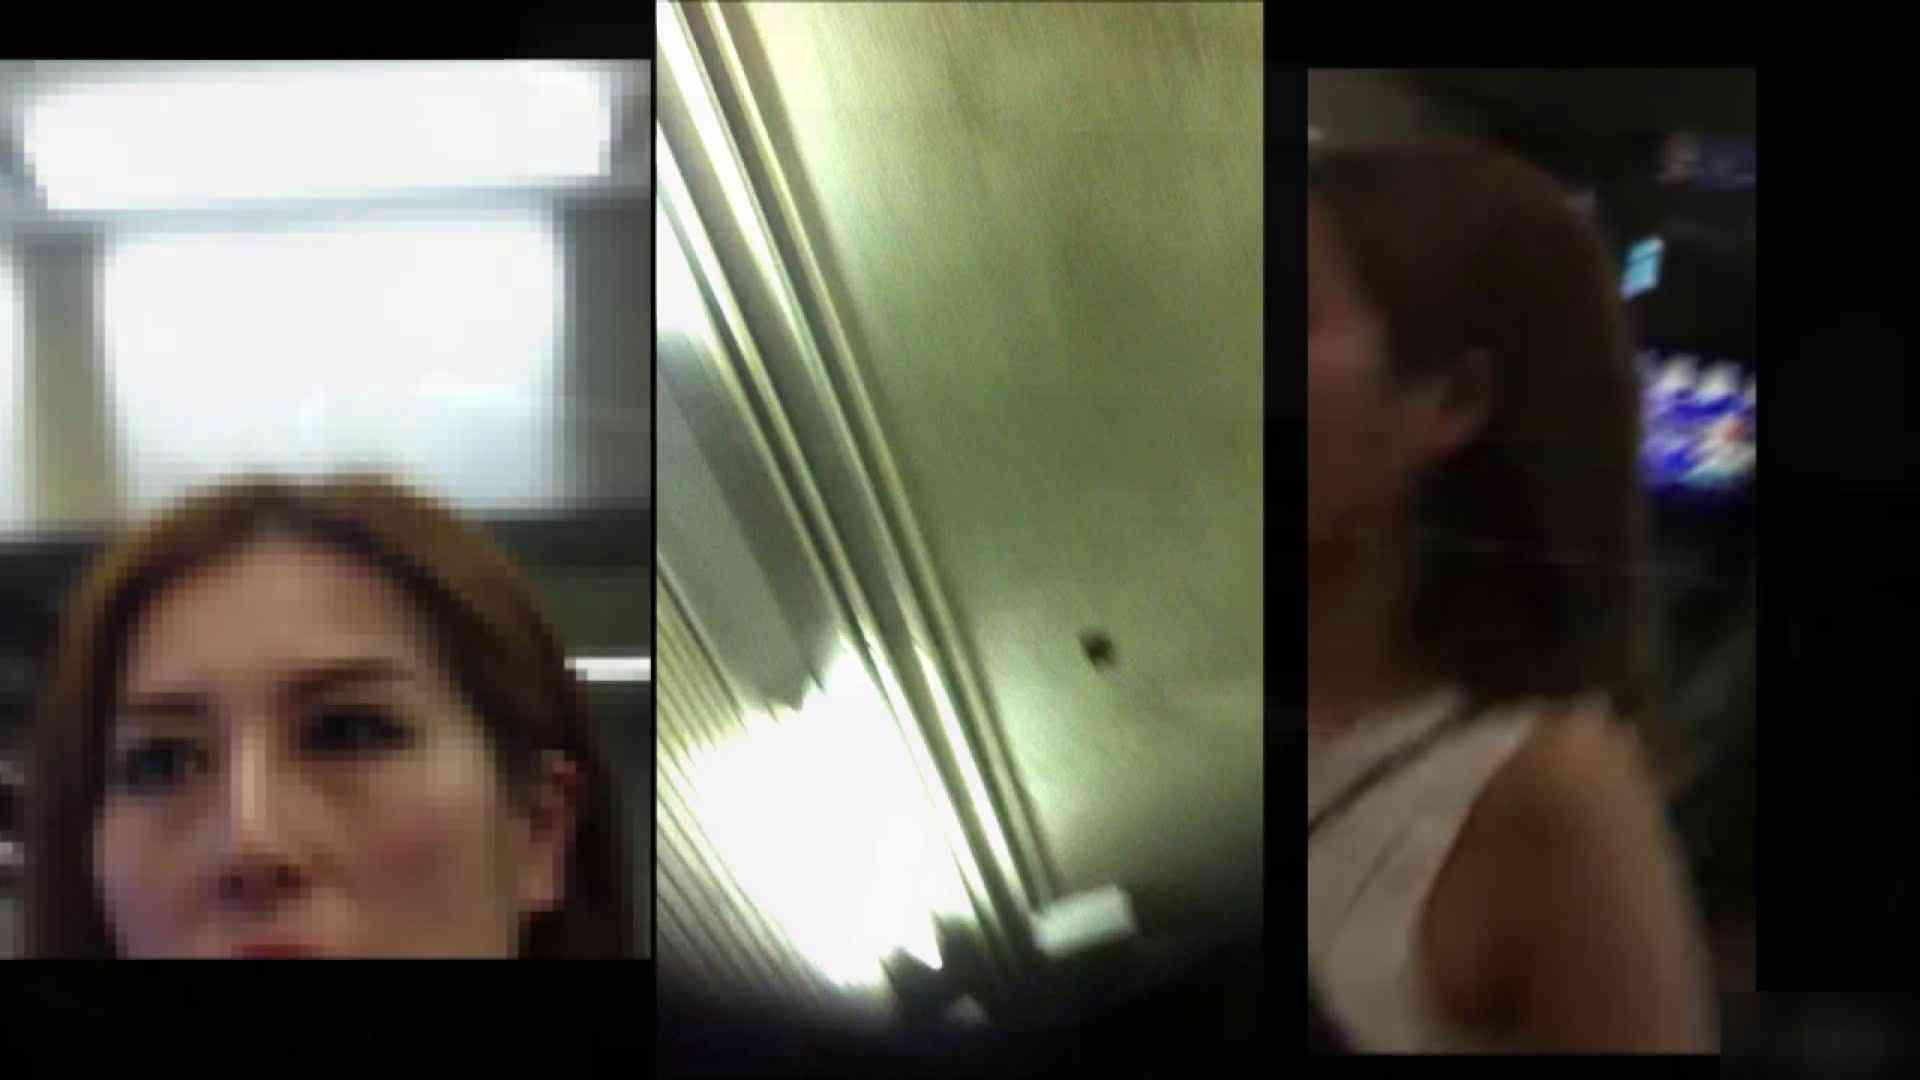 ガールズパンチラストリートビューVol.028 ギャルのエロ動画 オマンコ無修正動画無料 95画像 10